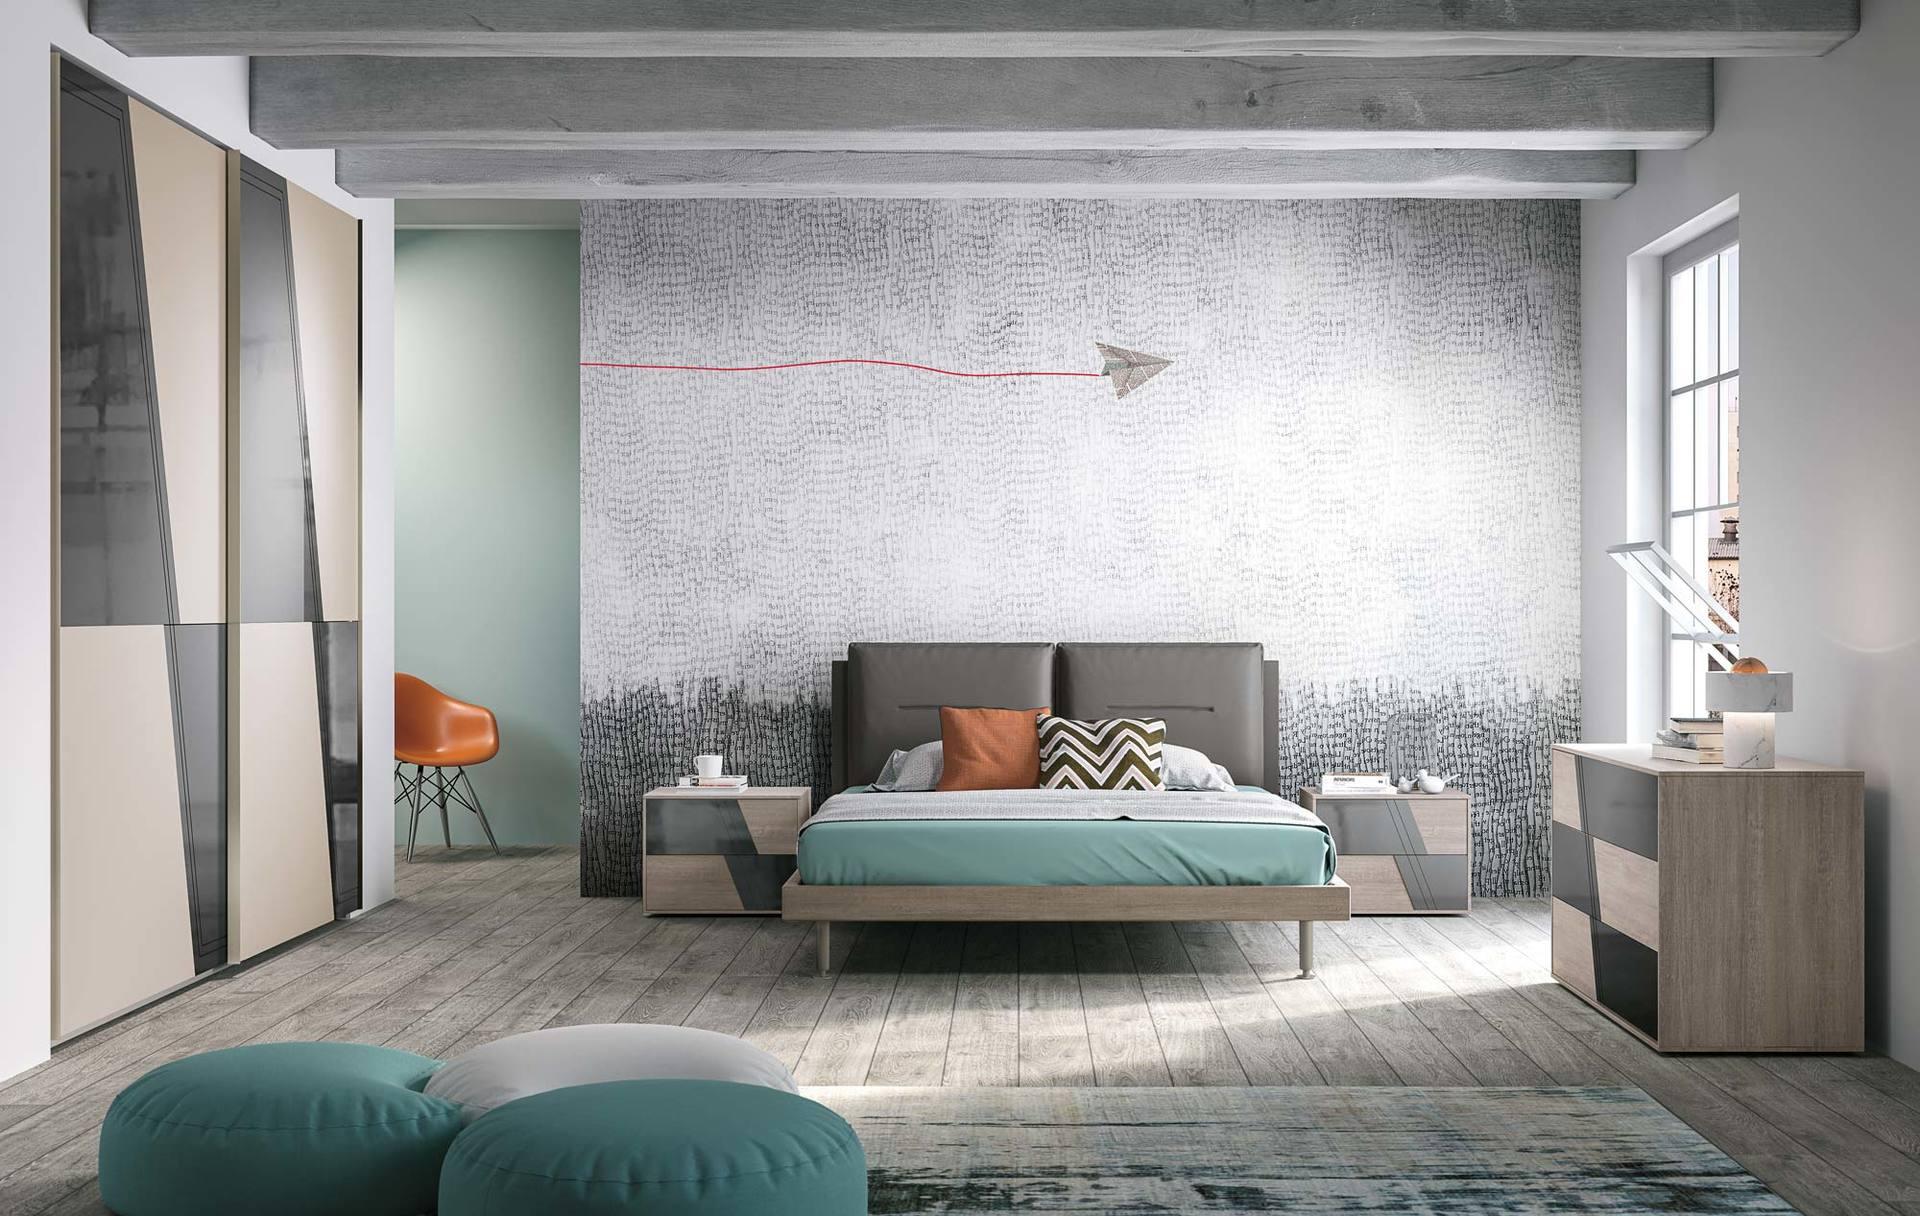 Soggiorni moderni vibo valentia scarcia arredamenti for Camere da letto moderne marche